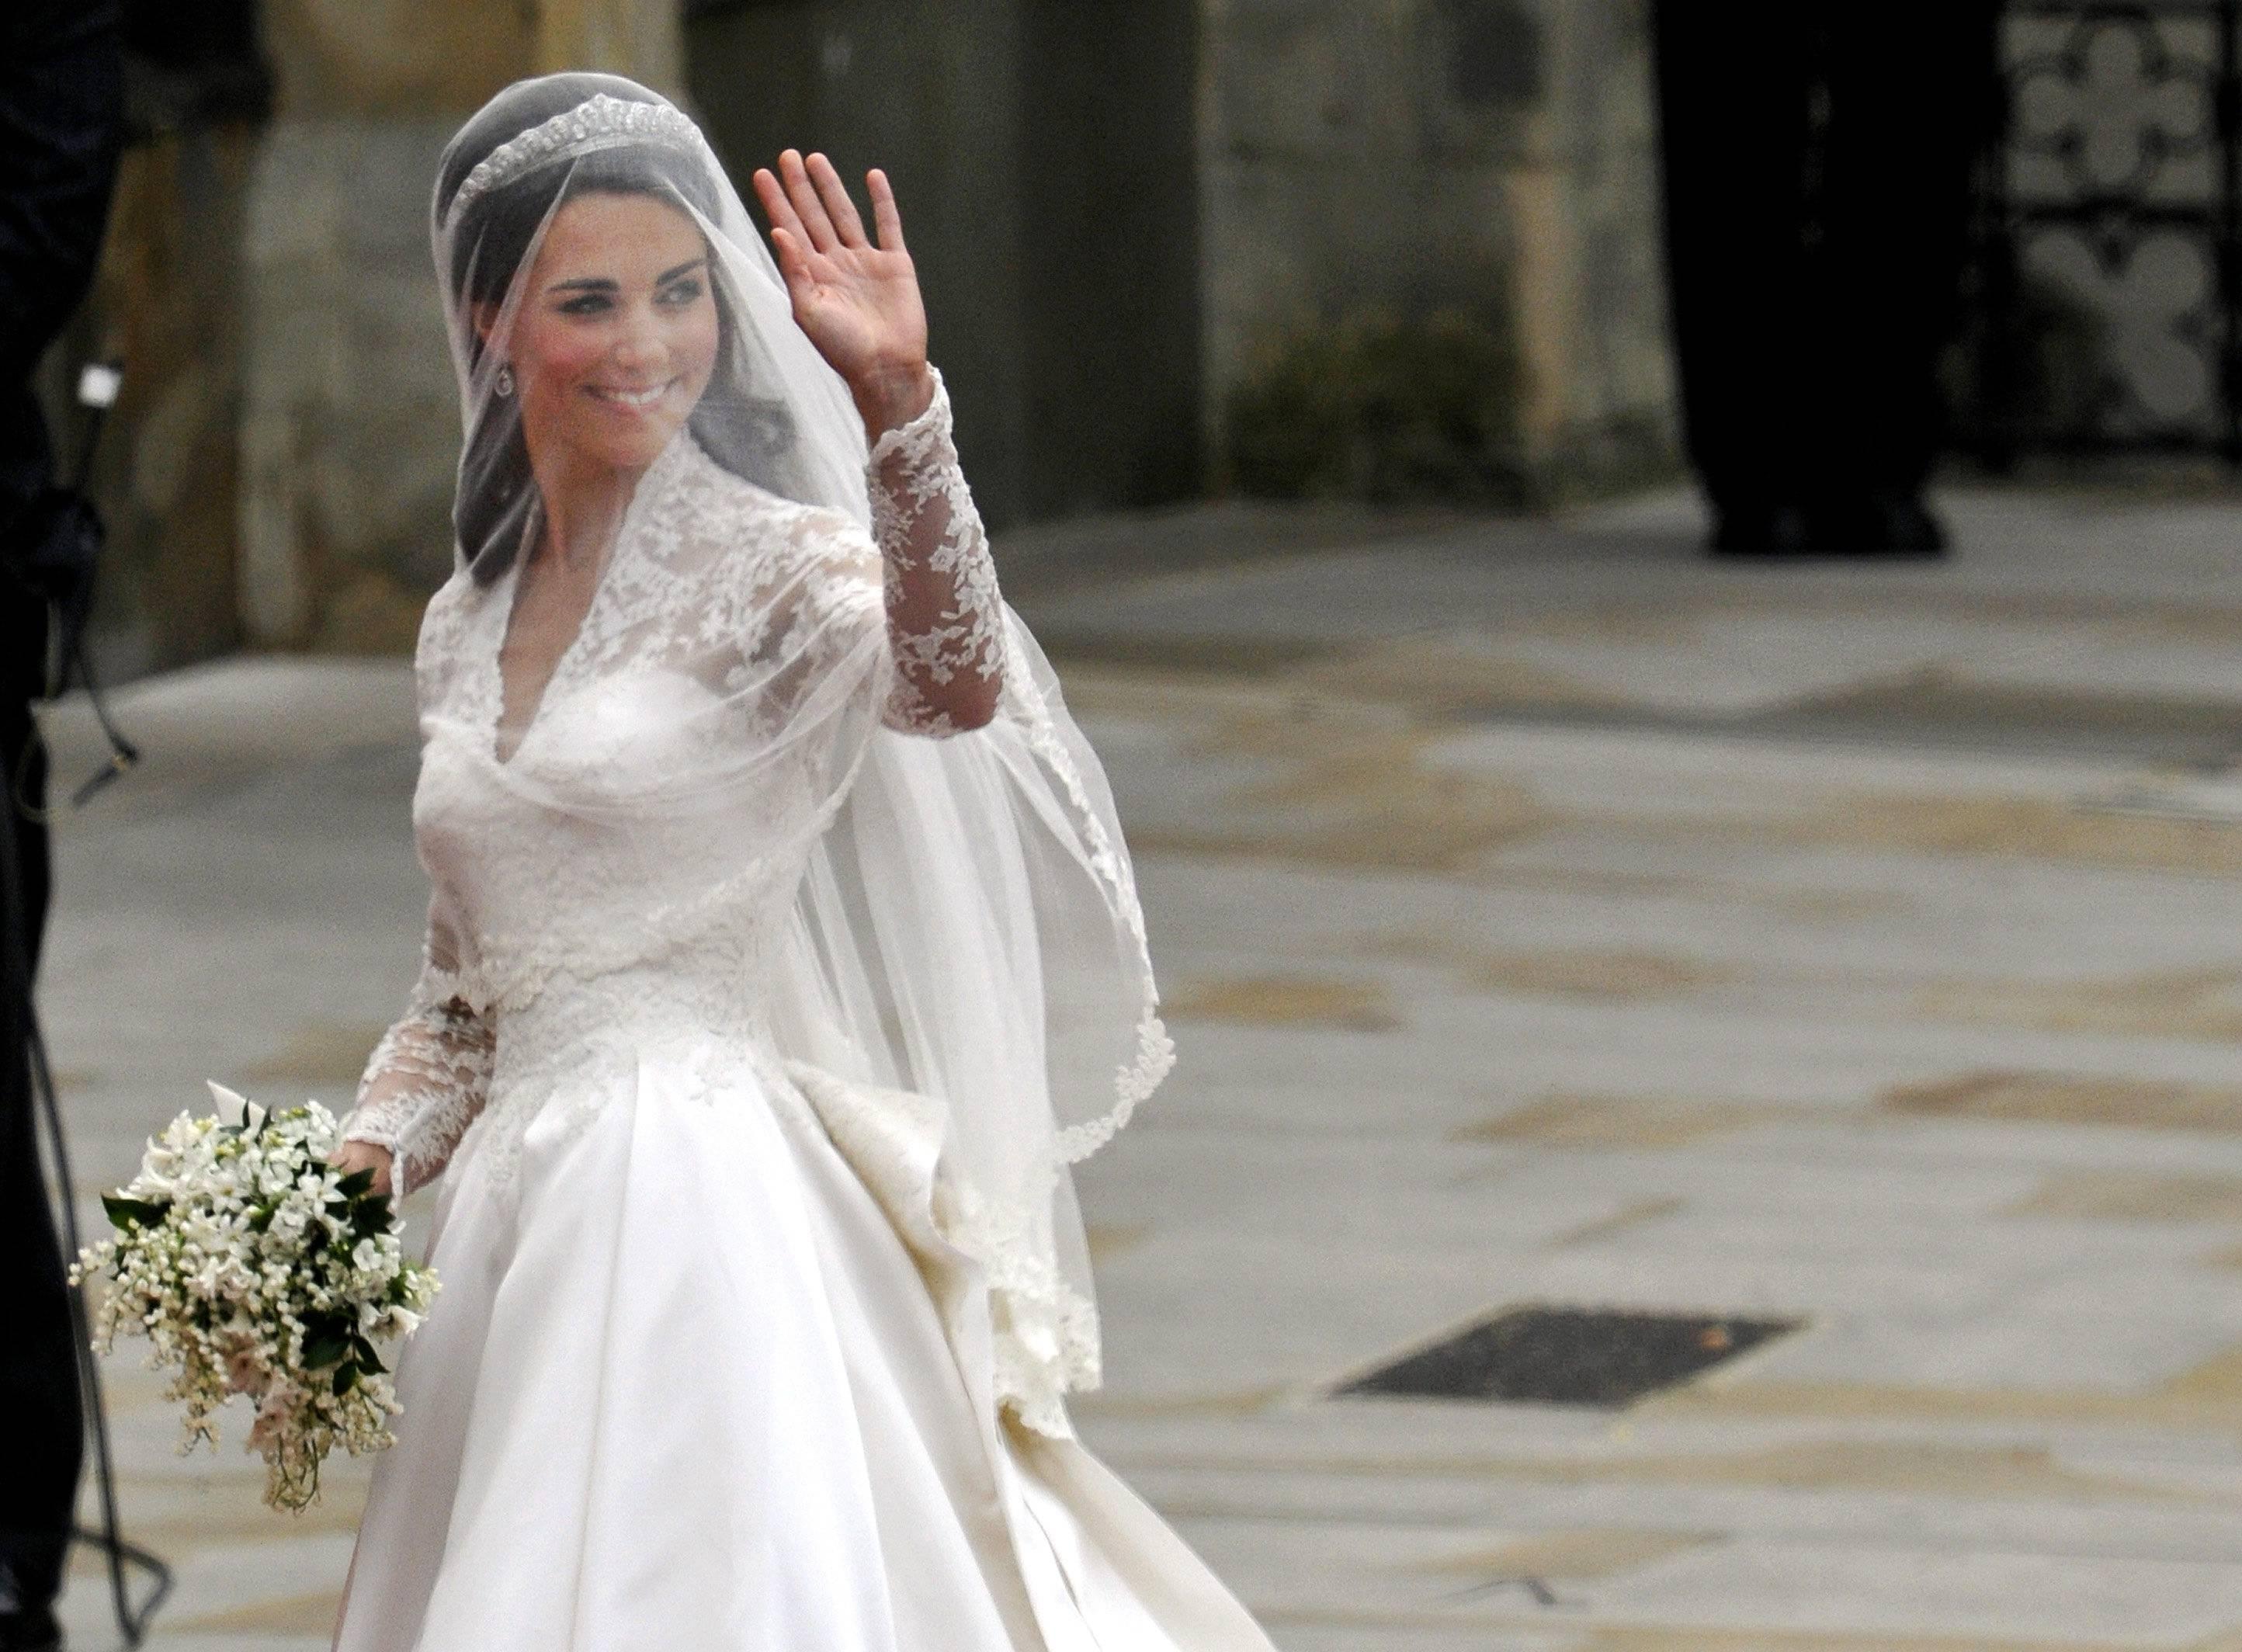 Abiti Da Sposa Costosi.Abiti Da Sposa Mostra A Palermo Sugli Stili Degli Ultimi 50 Anni